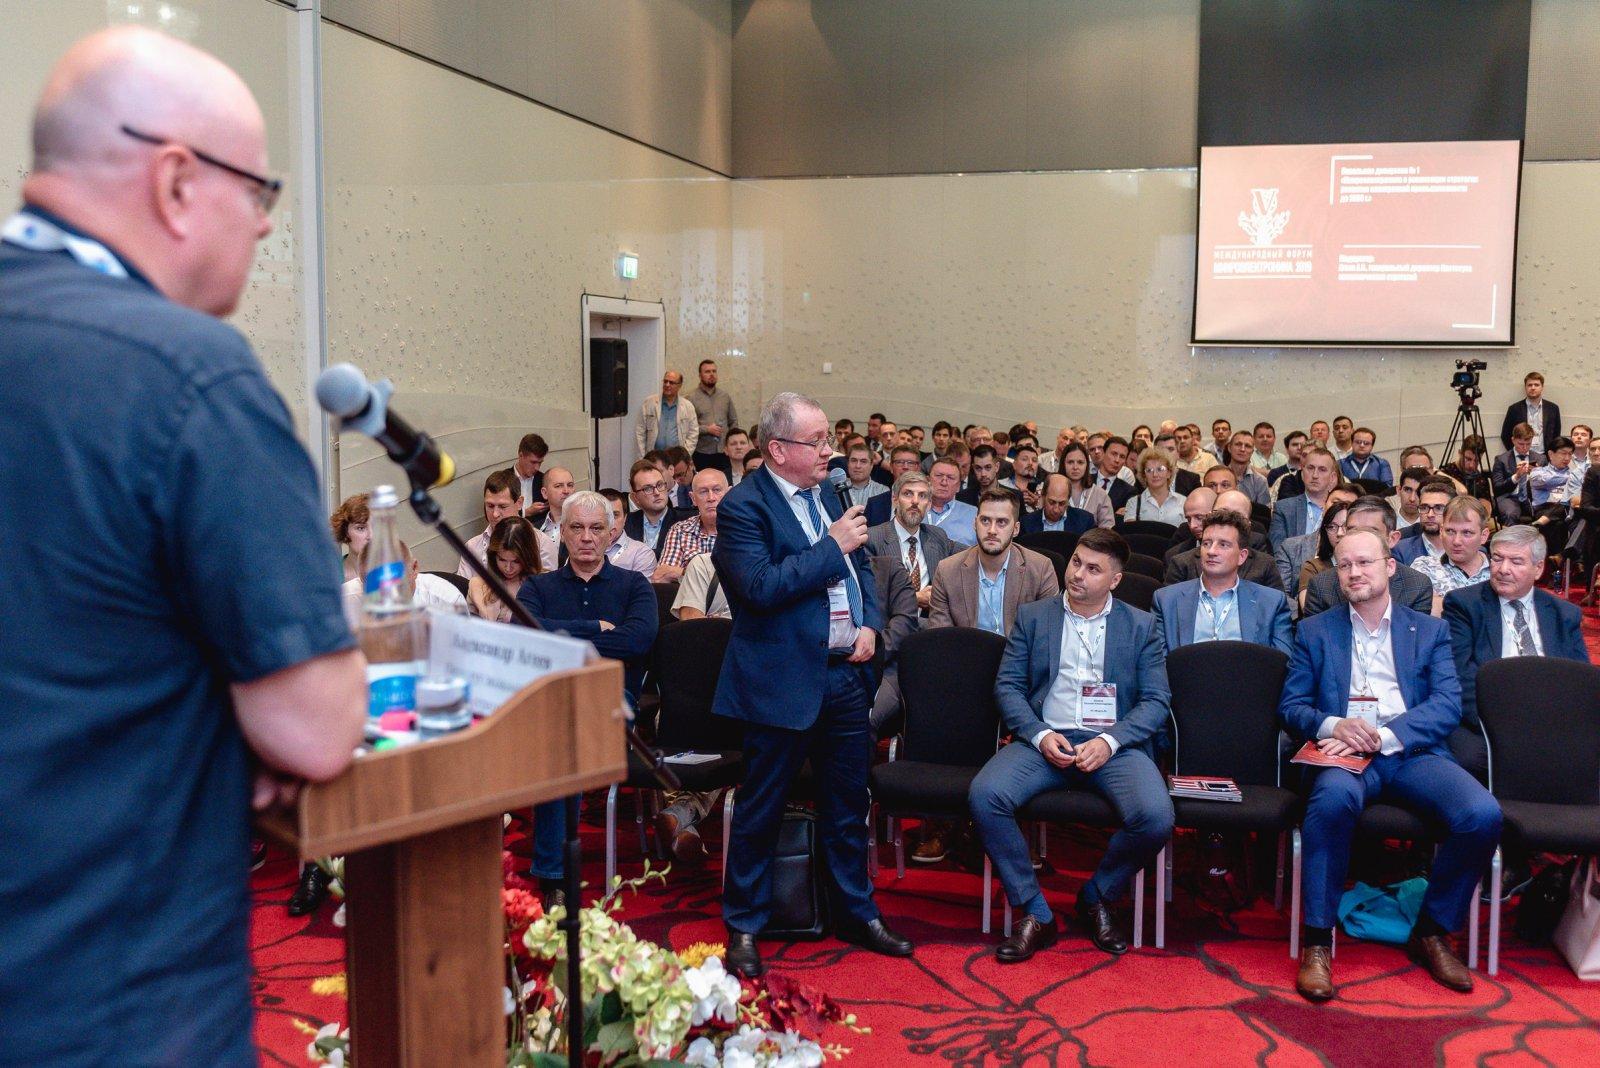 Команда SEMIEXPO Russia представила обновлённую программу на Форуме «Микроэлектроника 2019»